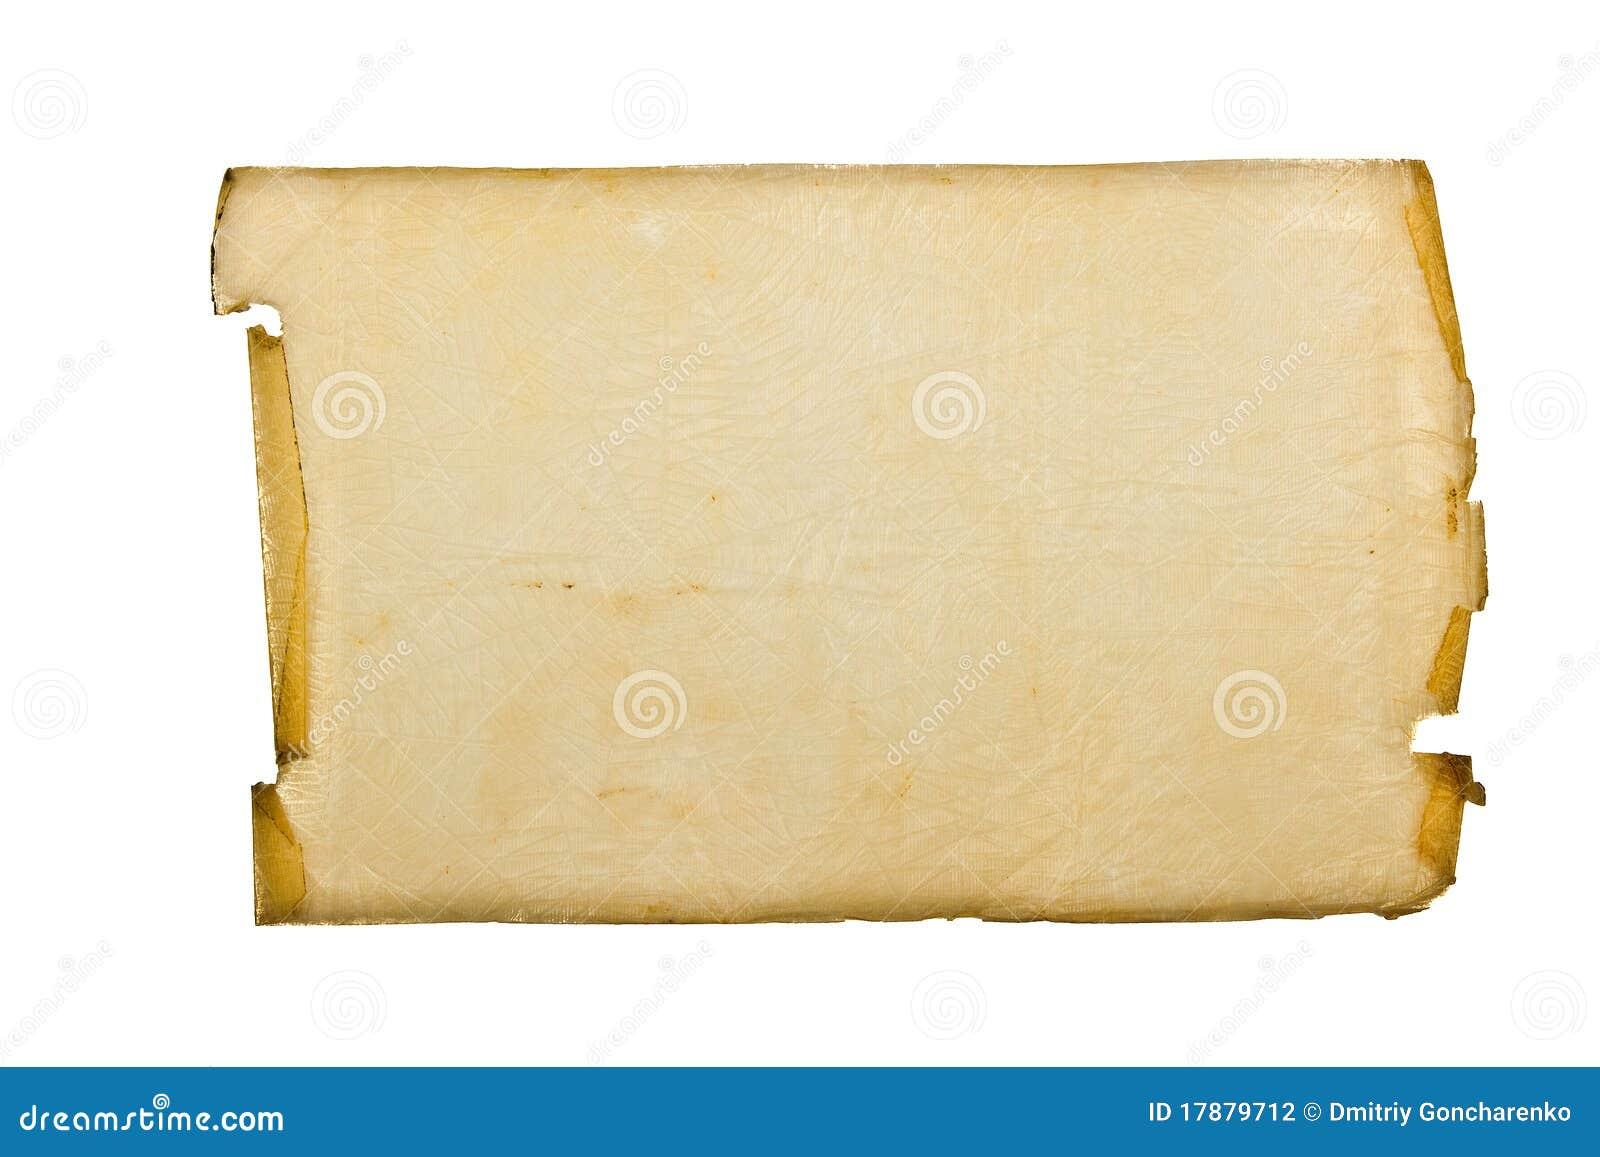 старинный лист пергамента картинка